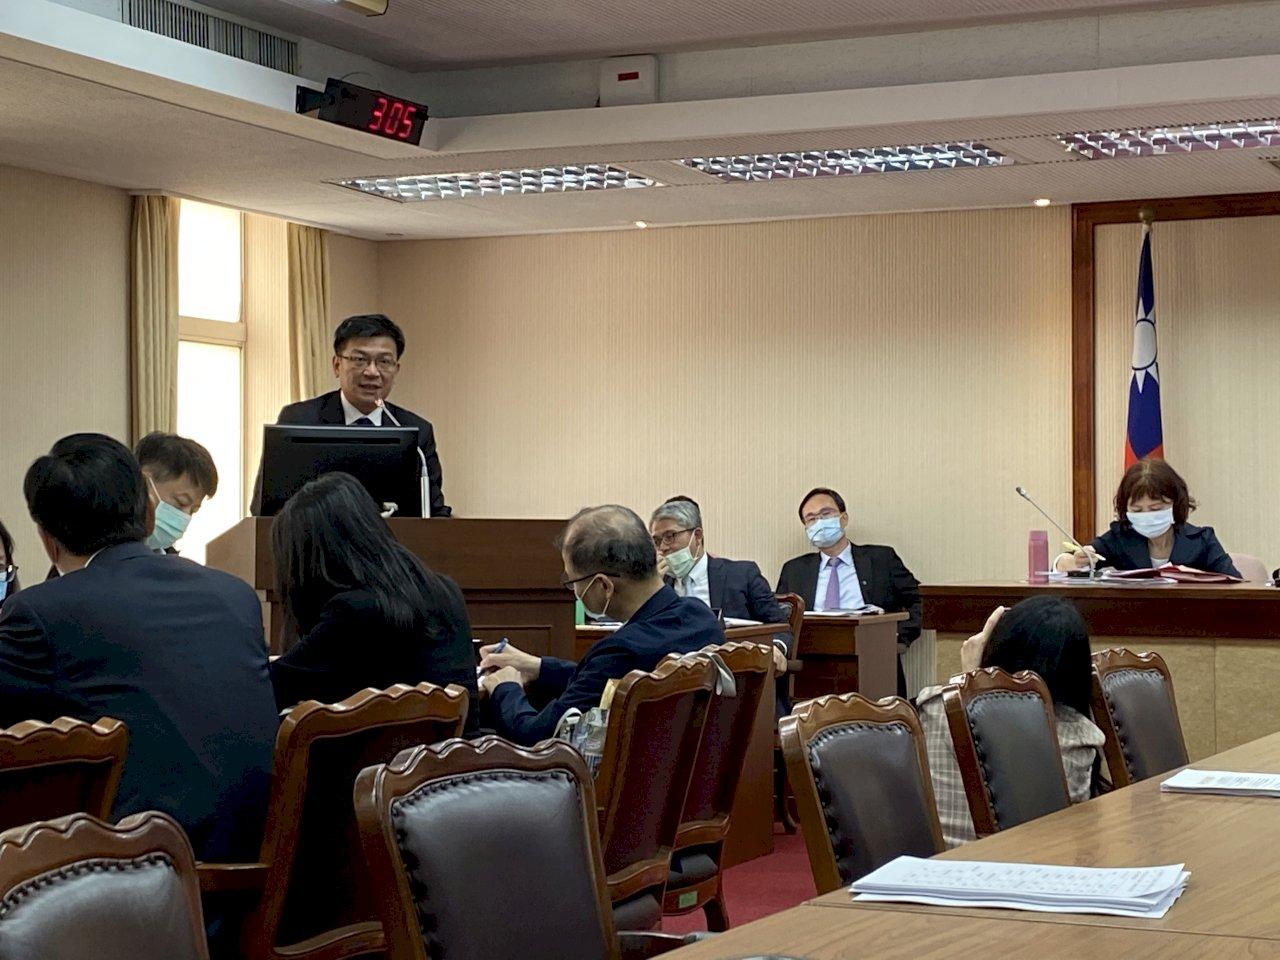 立院舉行藻礁保護公聽會 學者籲雙方提出科學證據